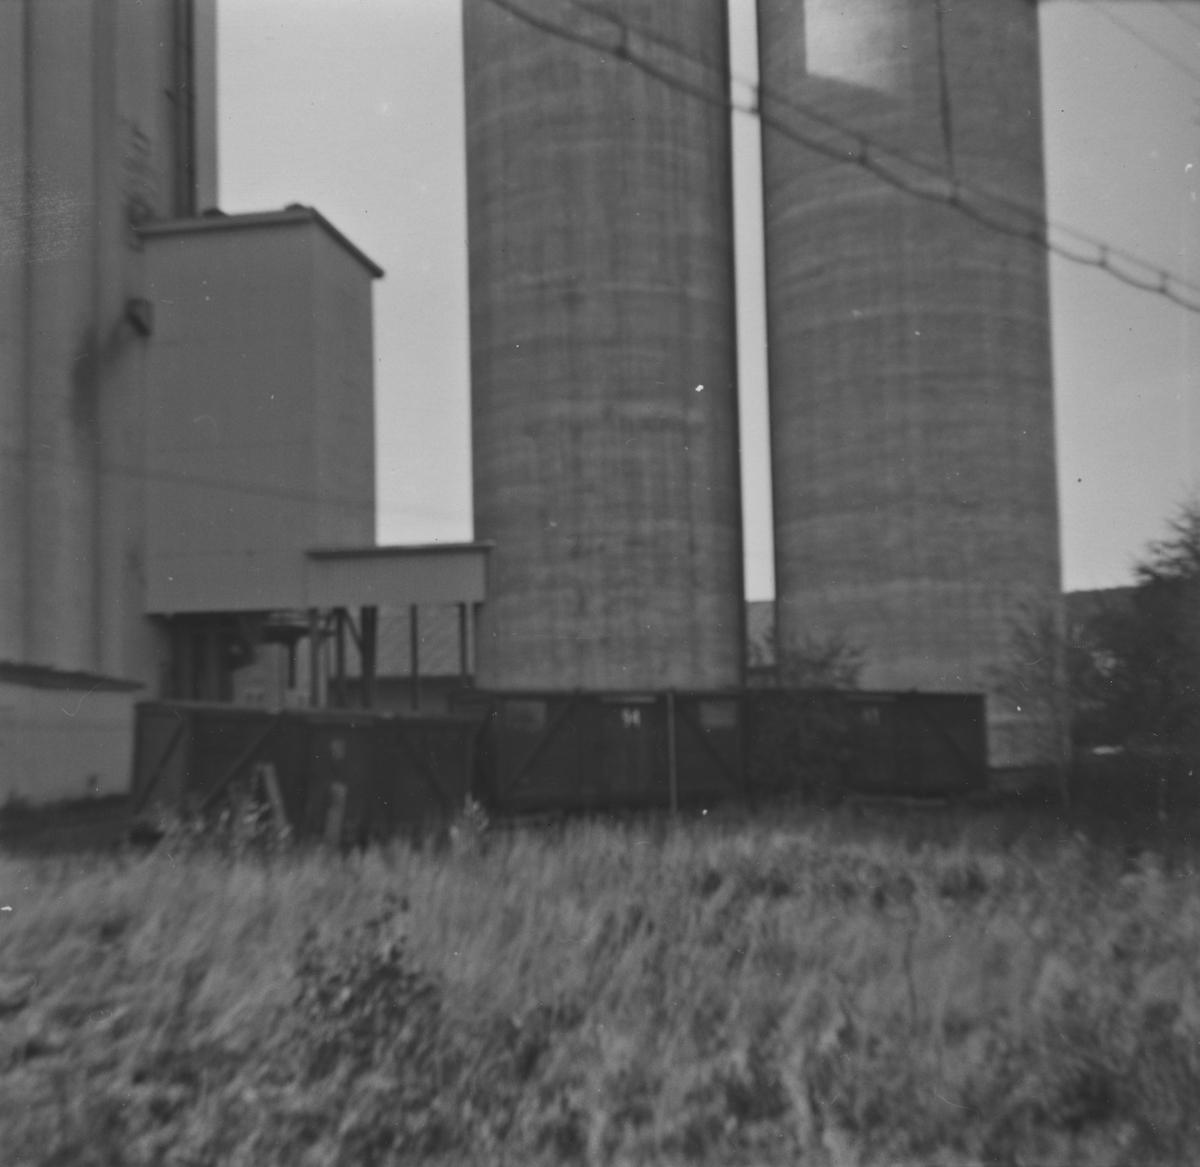 Løftekasser fra UHB ved Bjørkelangen kornsilo syv år etter nedleggelsen. To av løftekassene ble senere overtatt av museumsbanen.